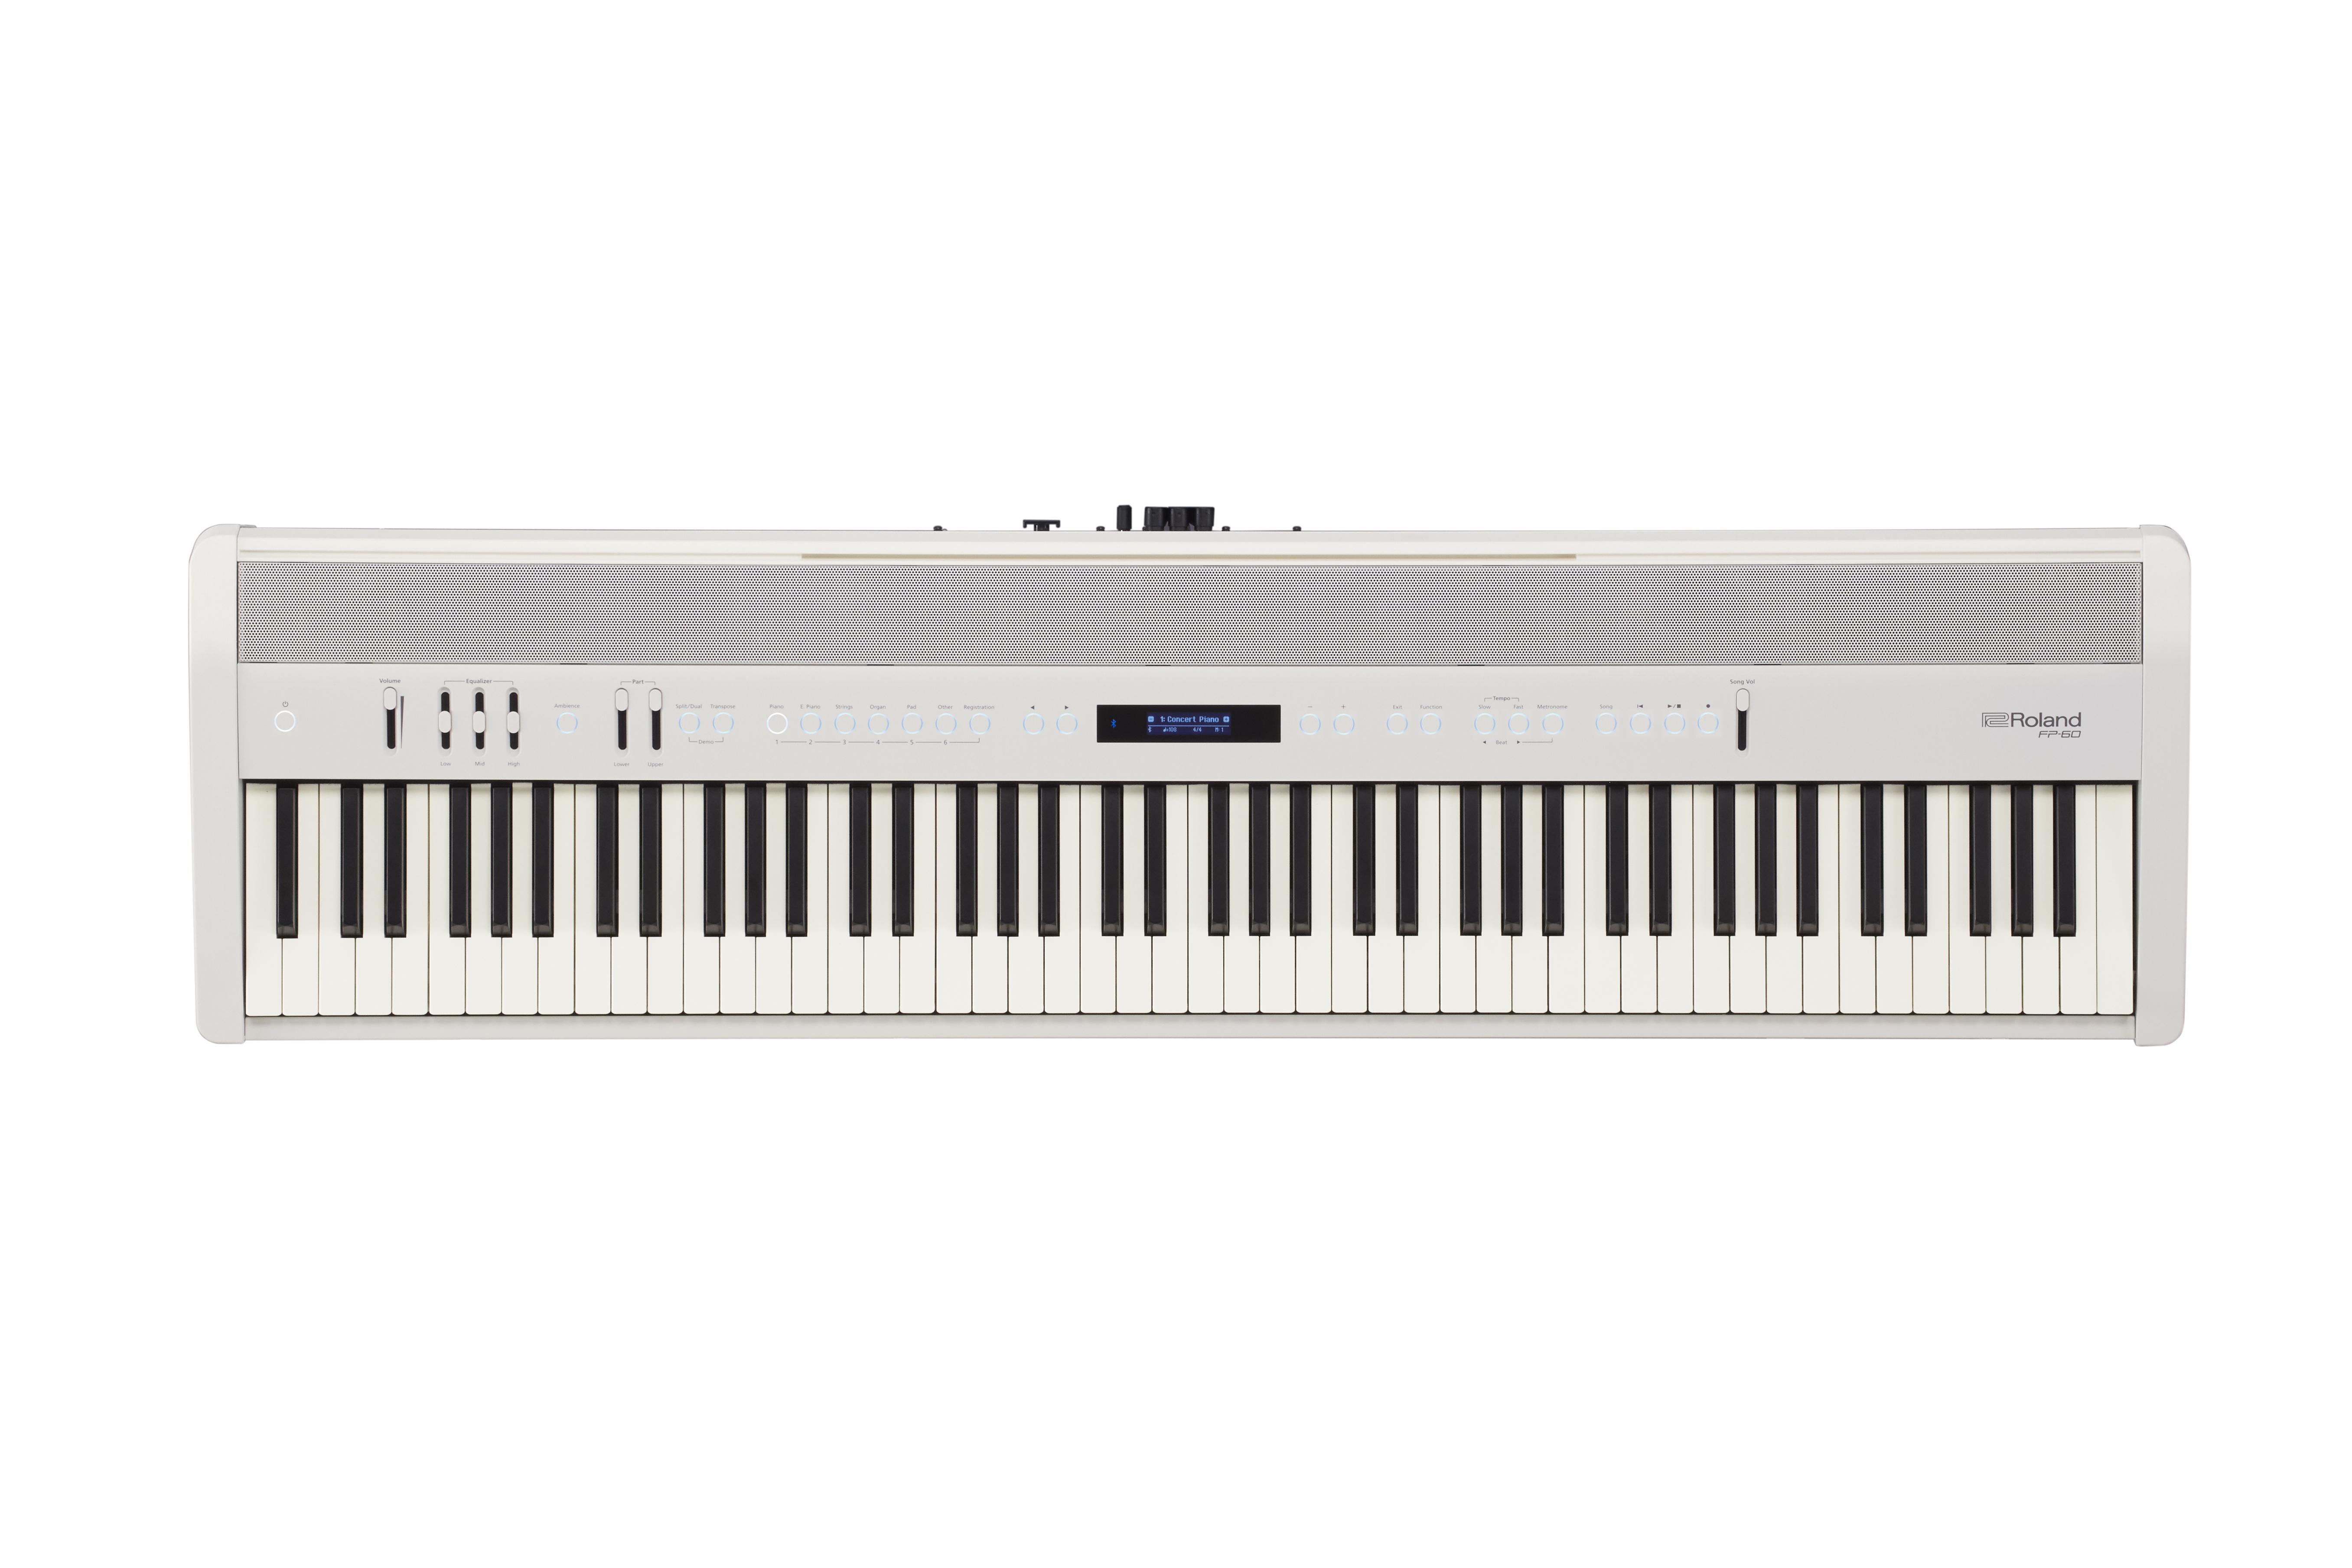 Claviers & Pianos - PIANOS NUMERIQUES - PORTABLE - ROLAND - FP-60X-WH - Royez Musik